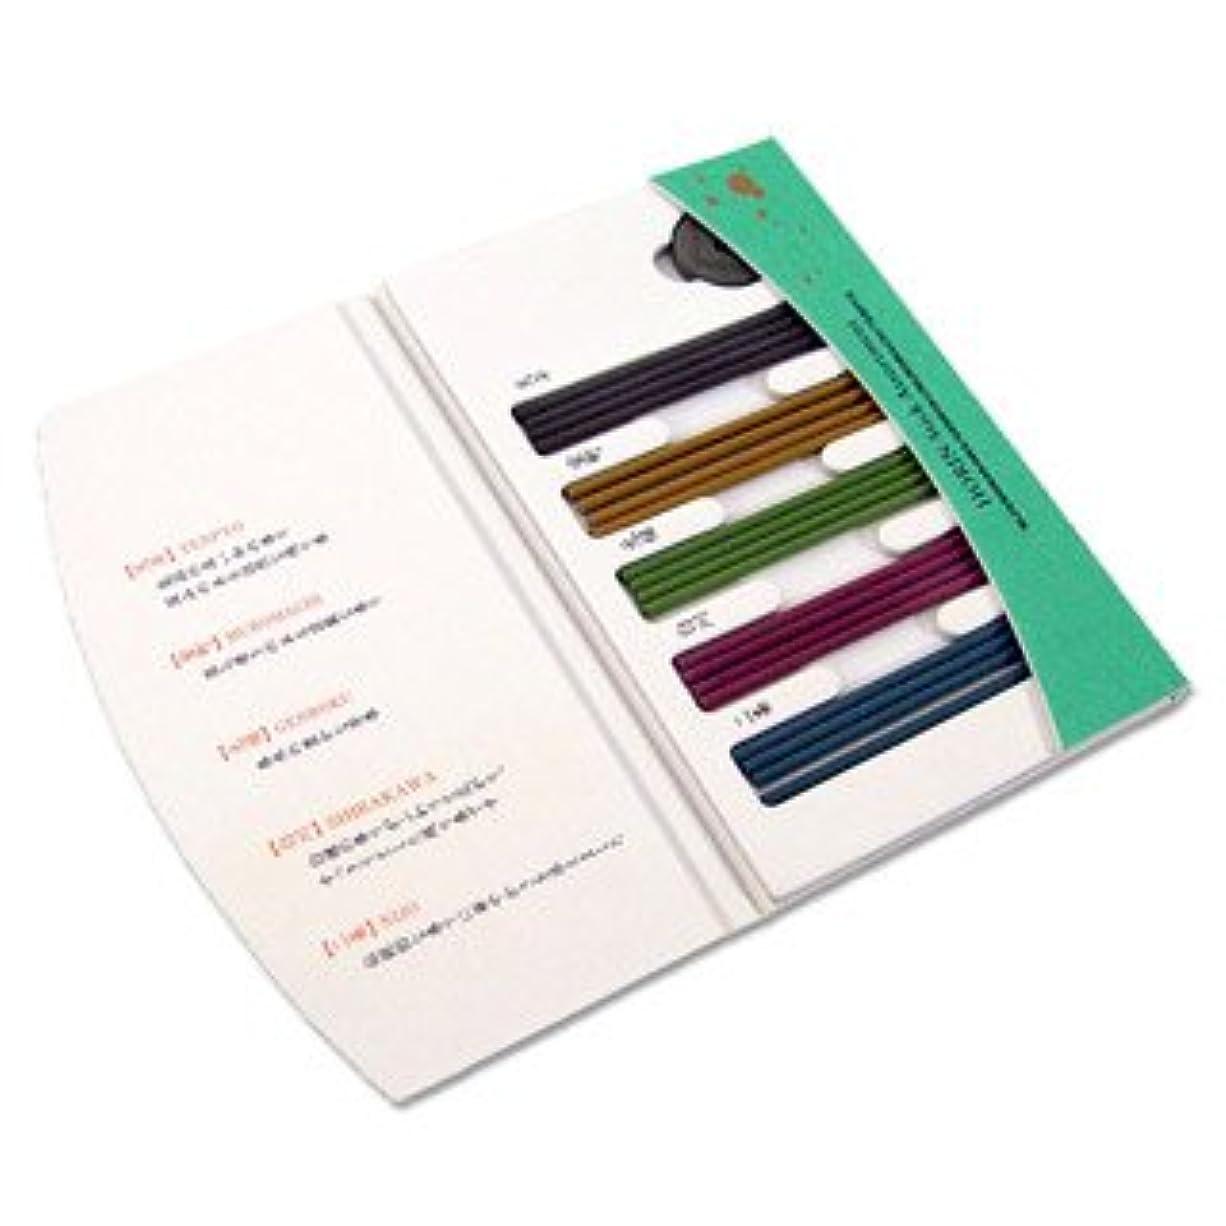 不機嫌資産新鮮なShoyeido's Horin Incense Assortment - 20 Sticks, New.